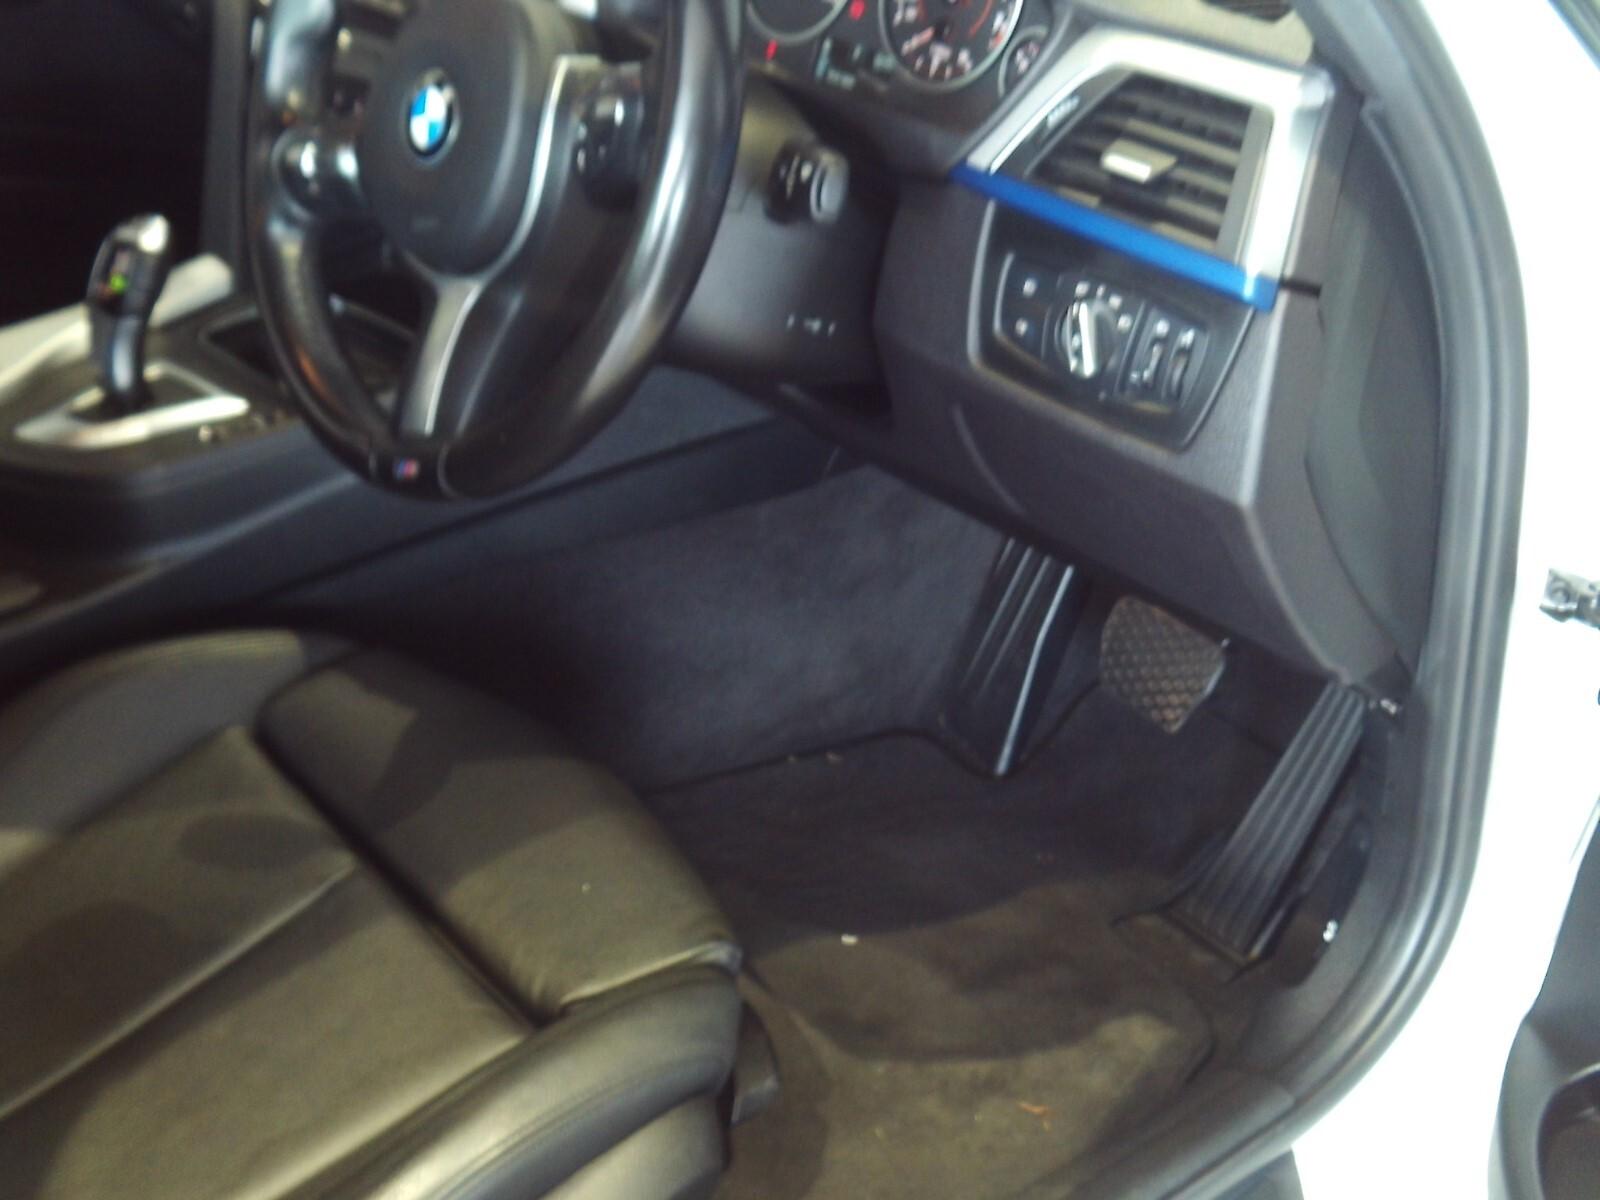 BMW 318i M SPORT A/T (F30) Roodepoort 8335162